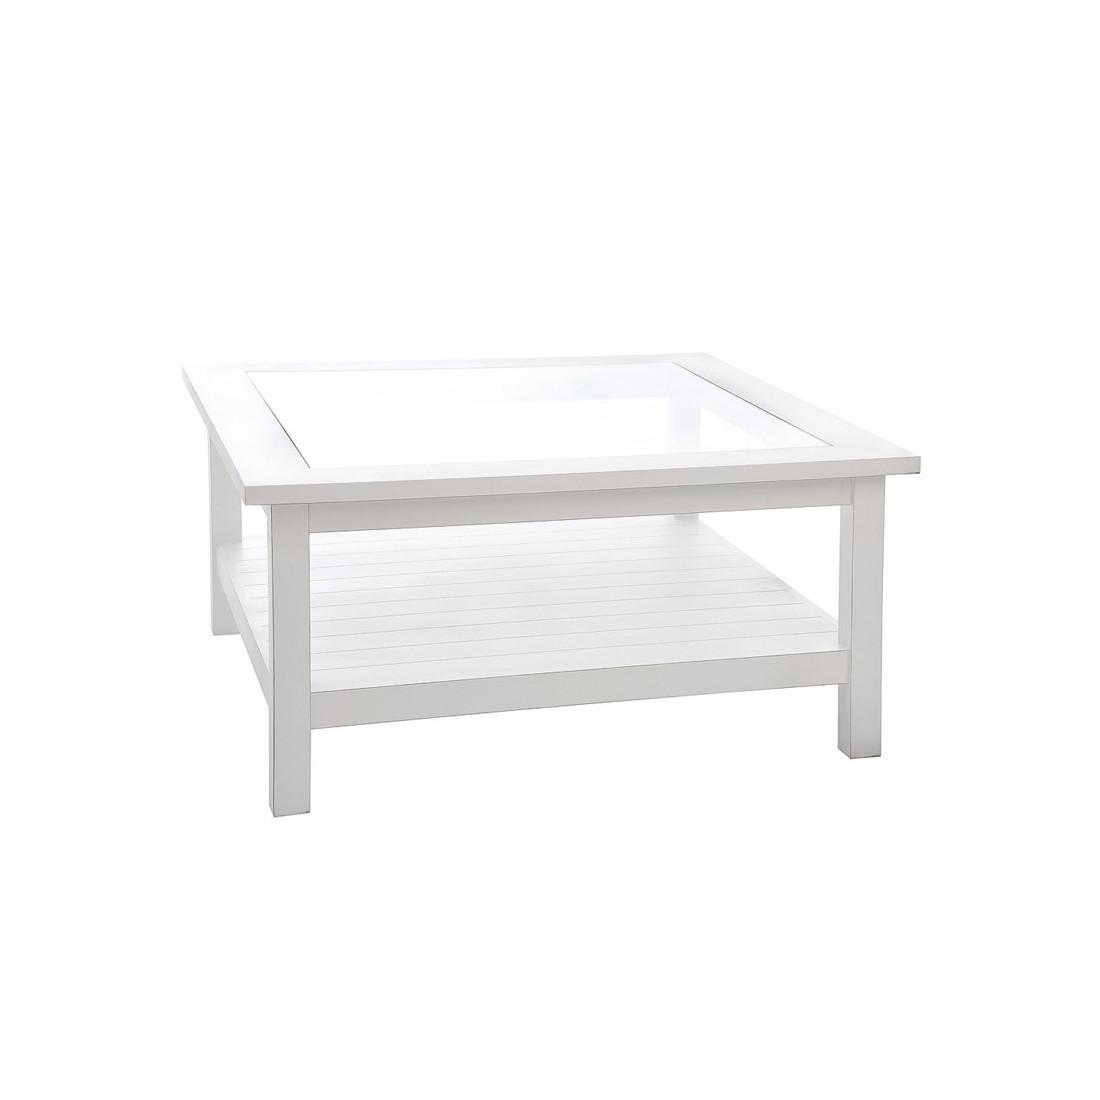 table basse blanche eve univers du salon tousmesmeubles. Black Bedroom Furniture Sets. Home Design Ideas